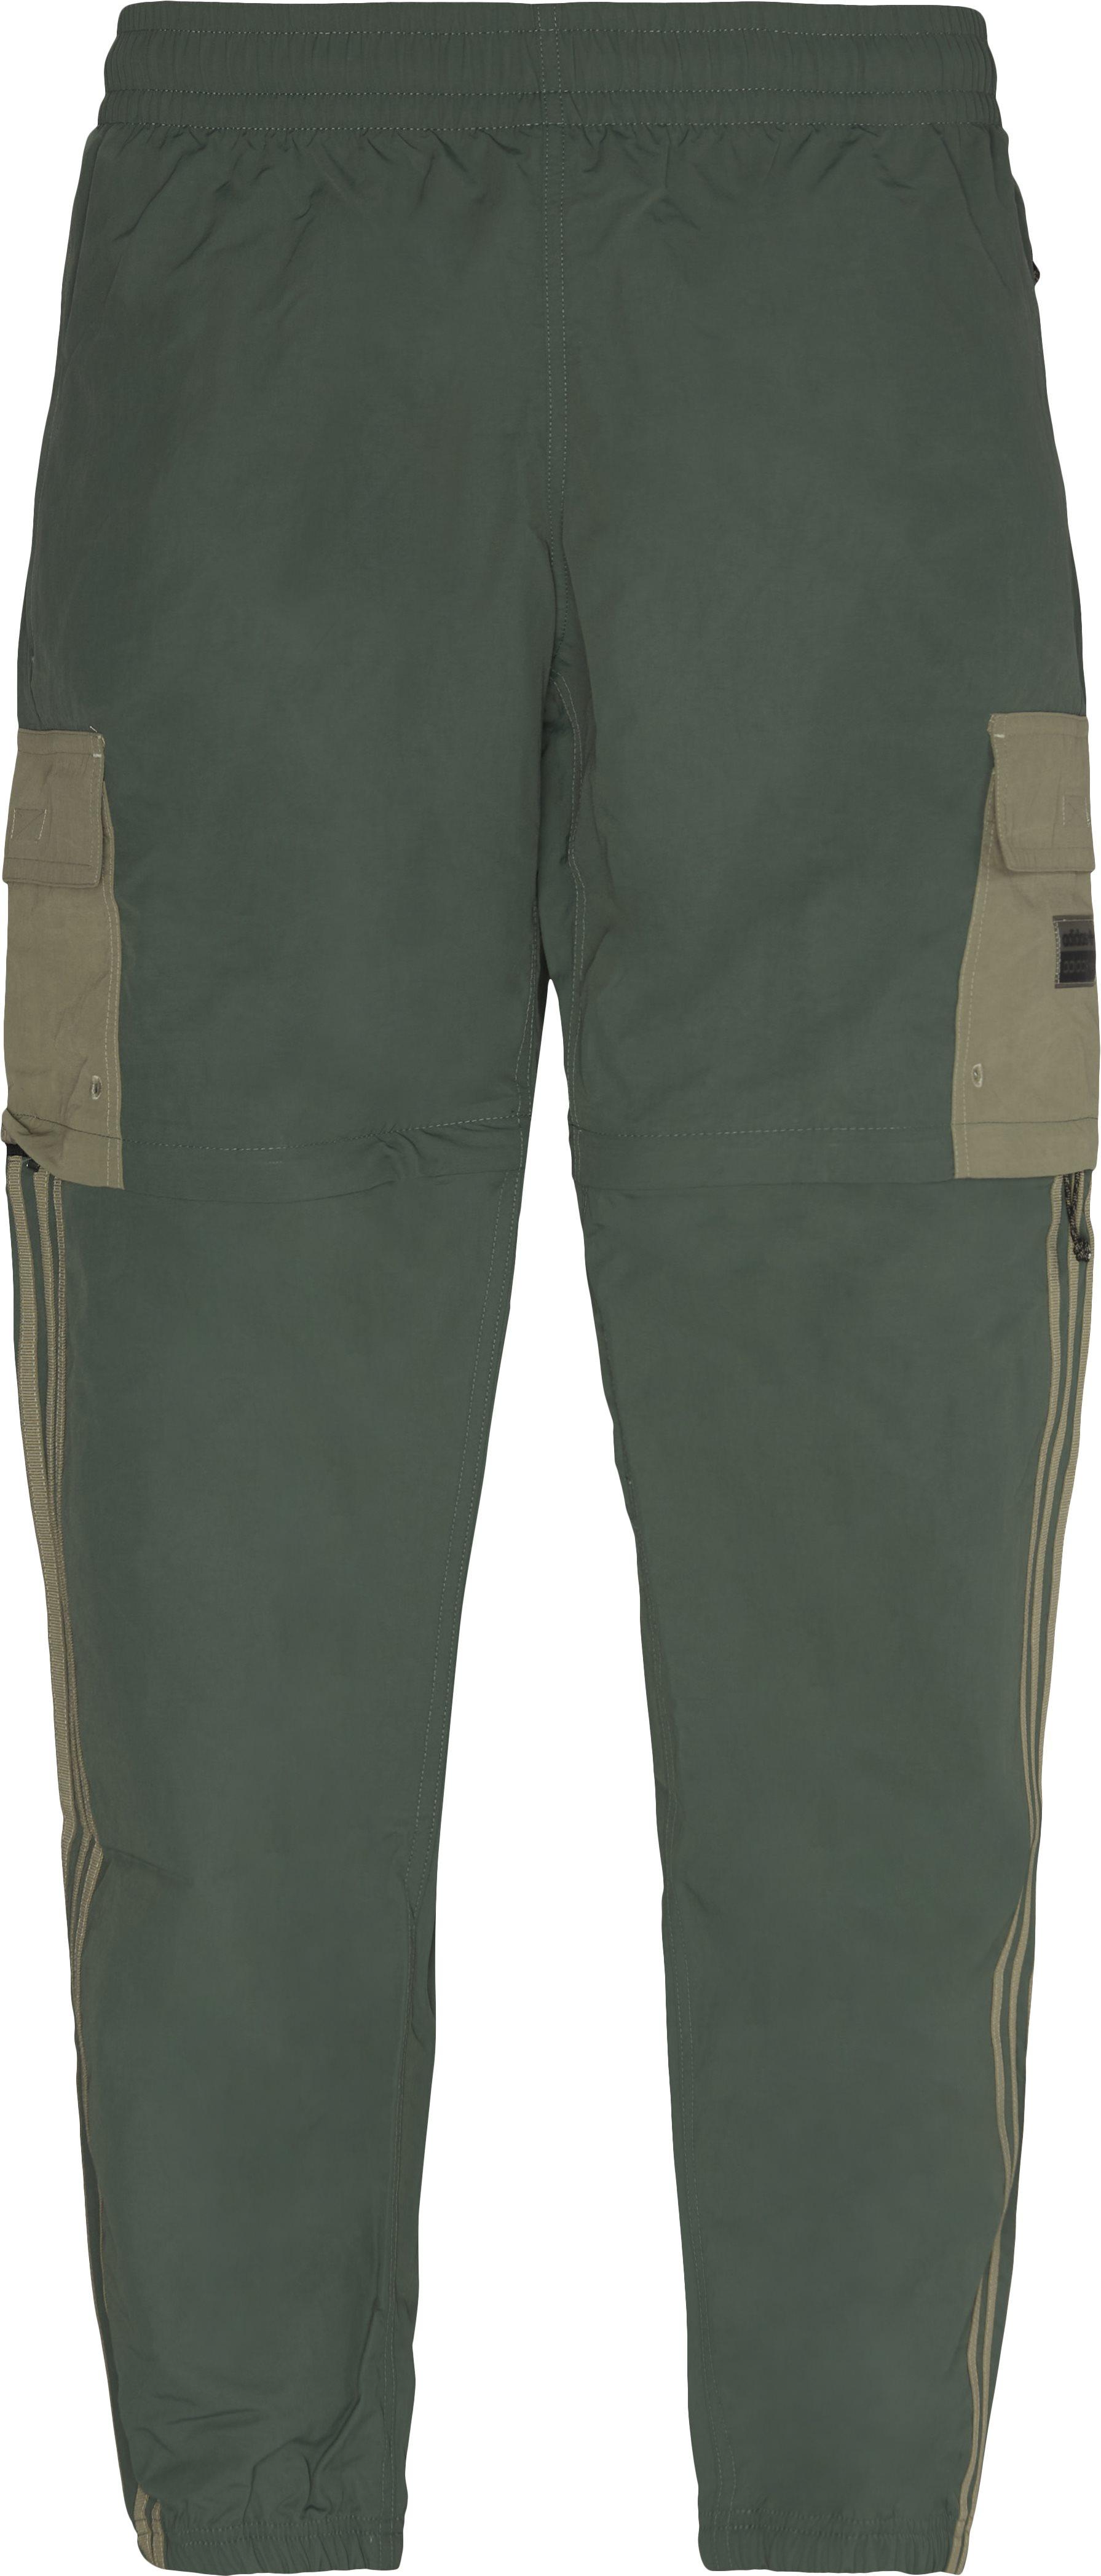 Utlty Pants - Bukser - Regular fit - Grøn